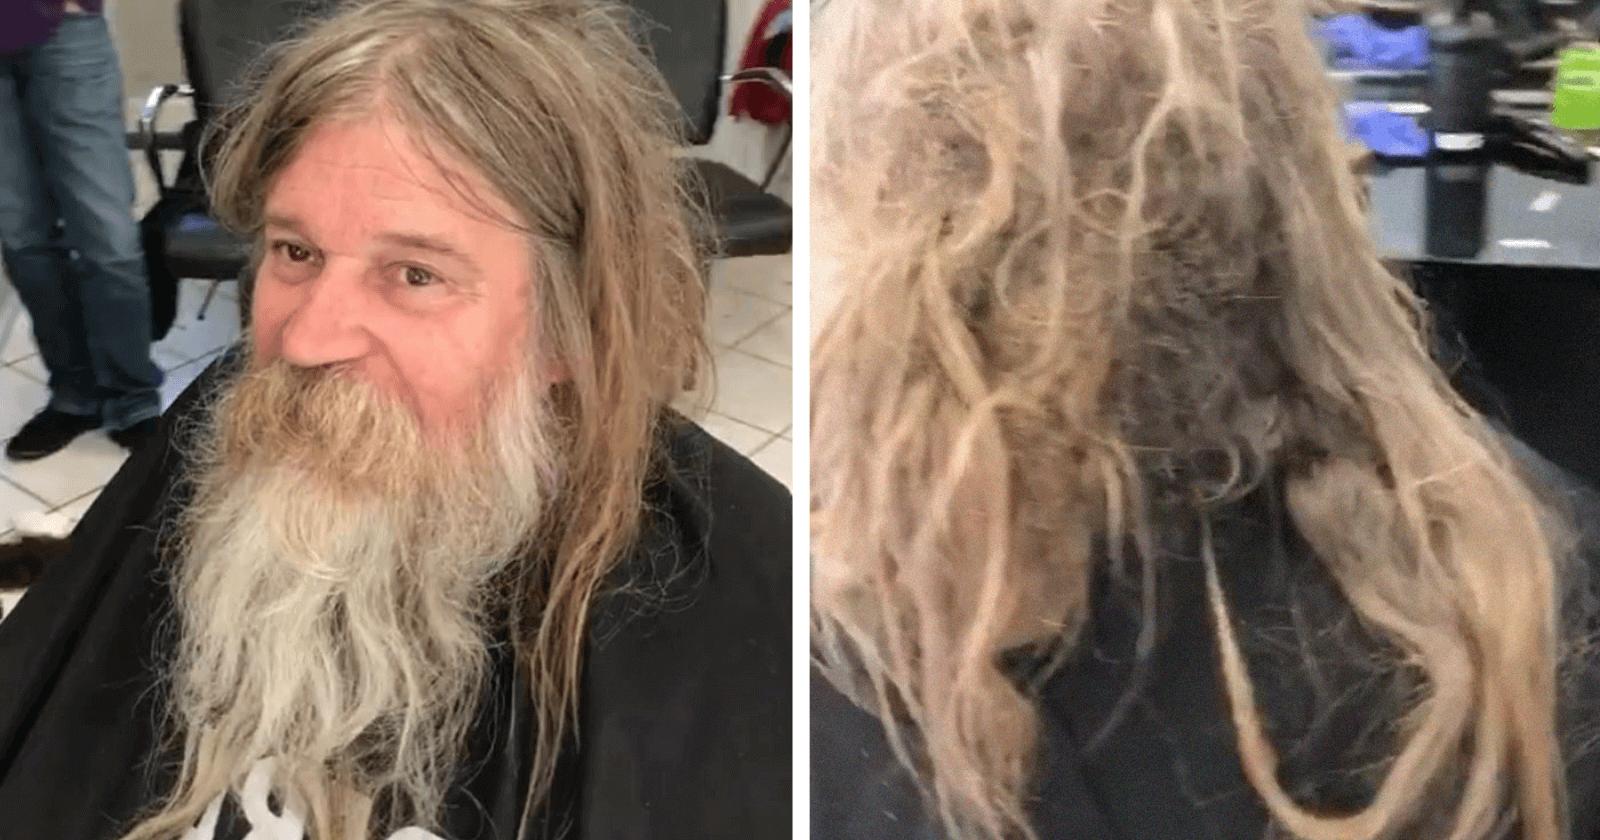 VIRAL: Barbeiro faz corte gratuito em morador de rua e transformação emociona a web